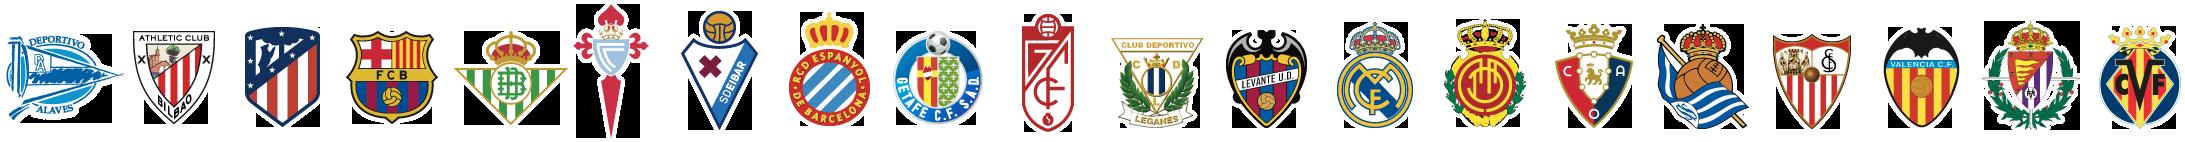 escudos_liga_2019